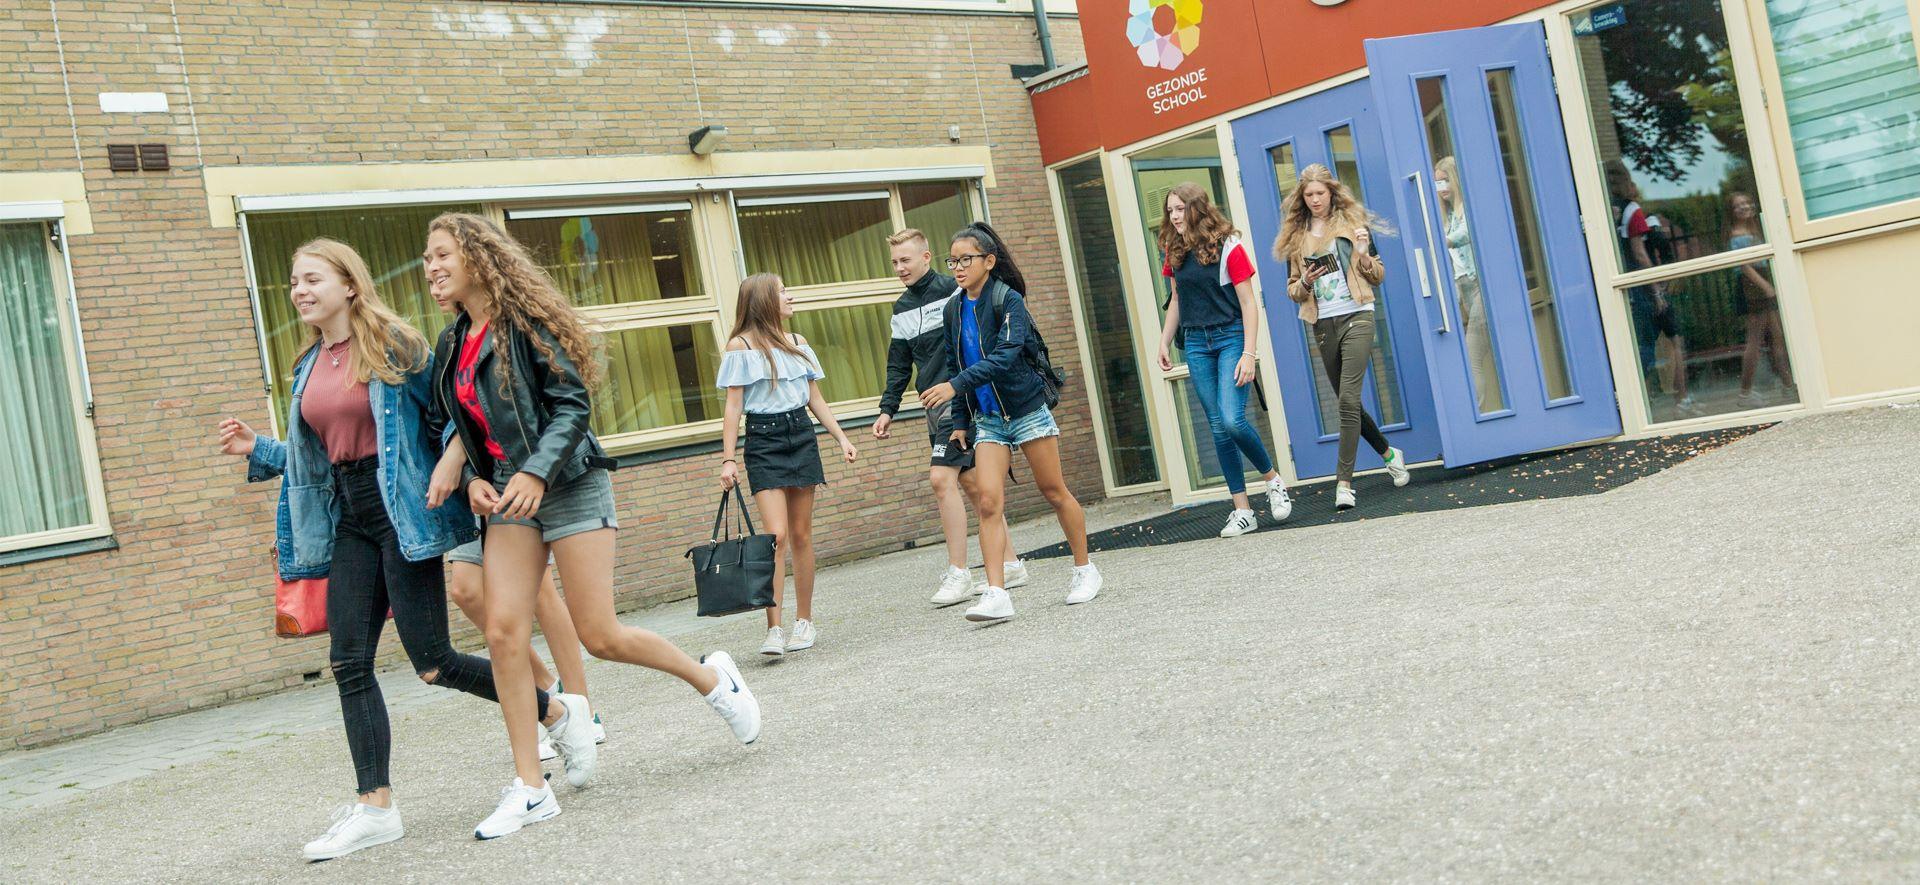 https://www.ubboemmius.nl/wp-content/uploads/2018/09/20180823_Ubbo_online_beeldmateriaal_bronbestand_1_overdeschool.jpg